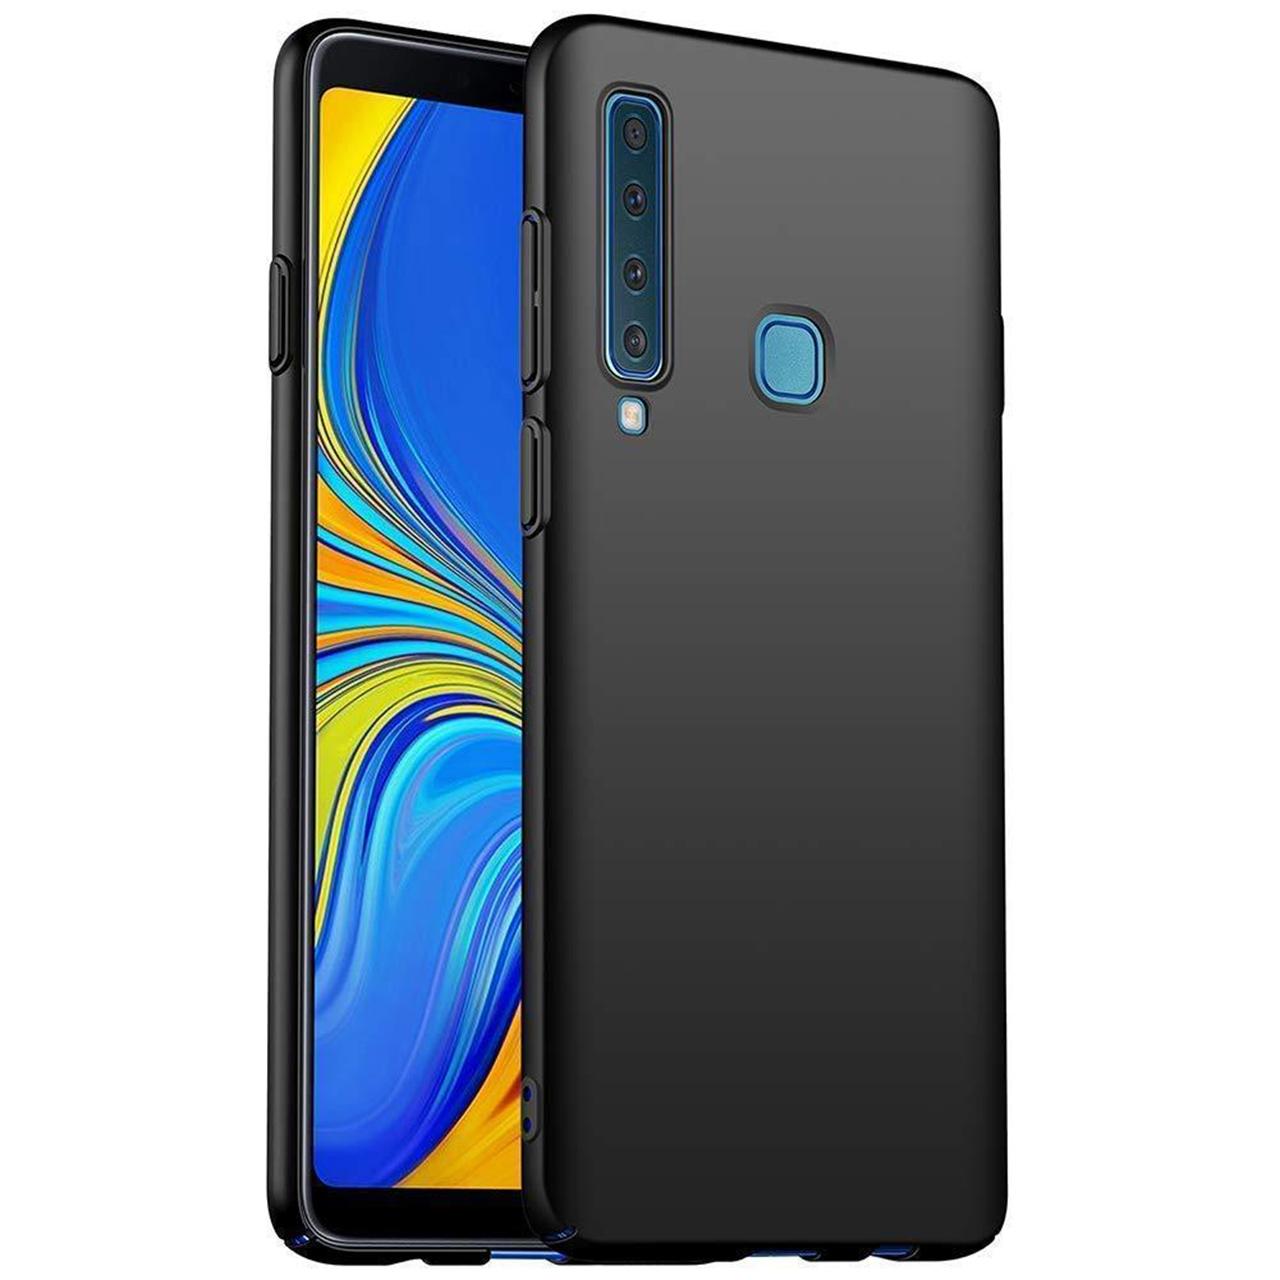 کاور مدل JO-01 مناسب برای گوشی موبایل سامسونگ Galaxy A9 2018